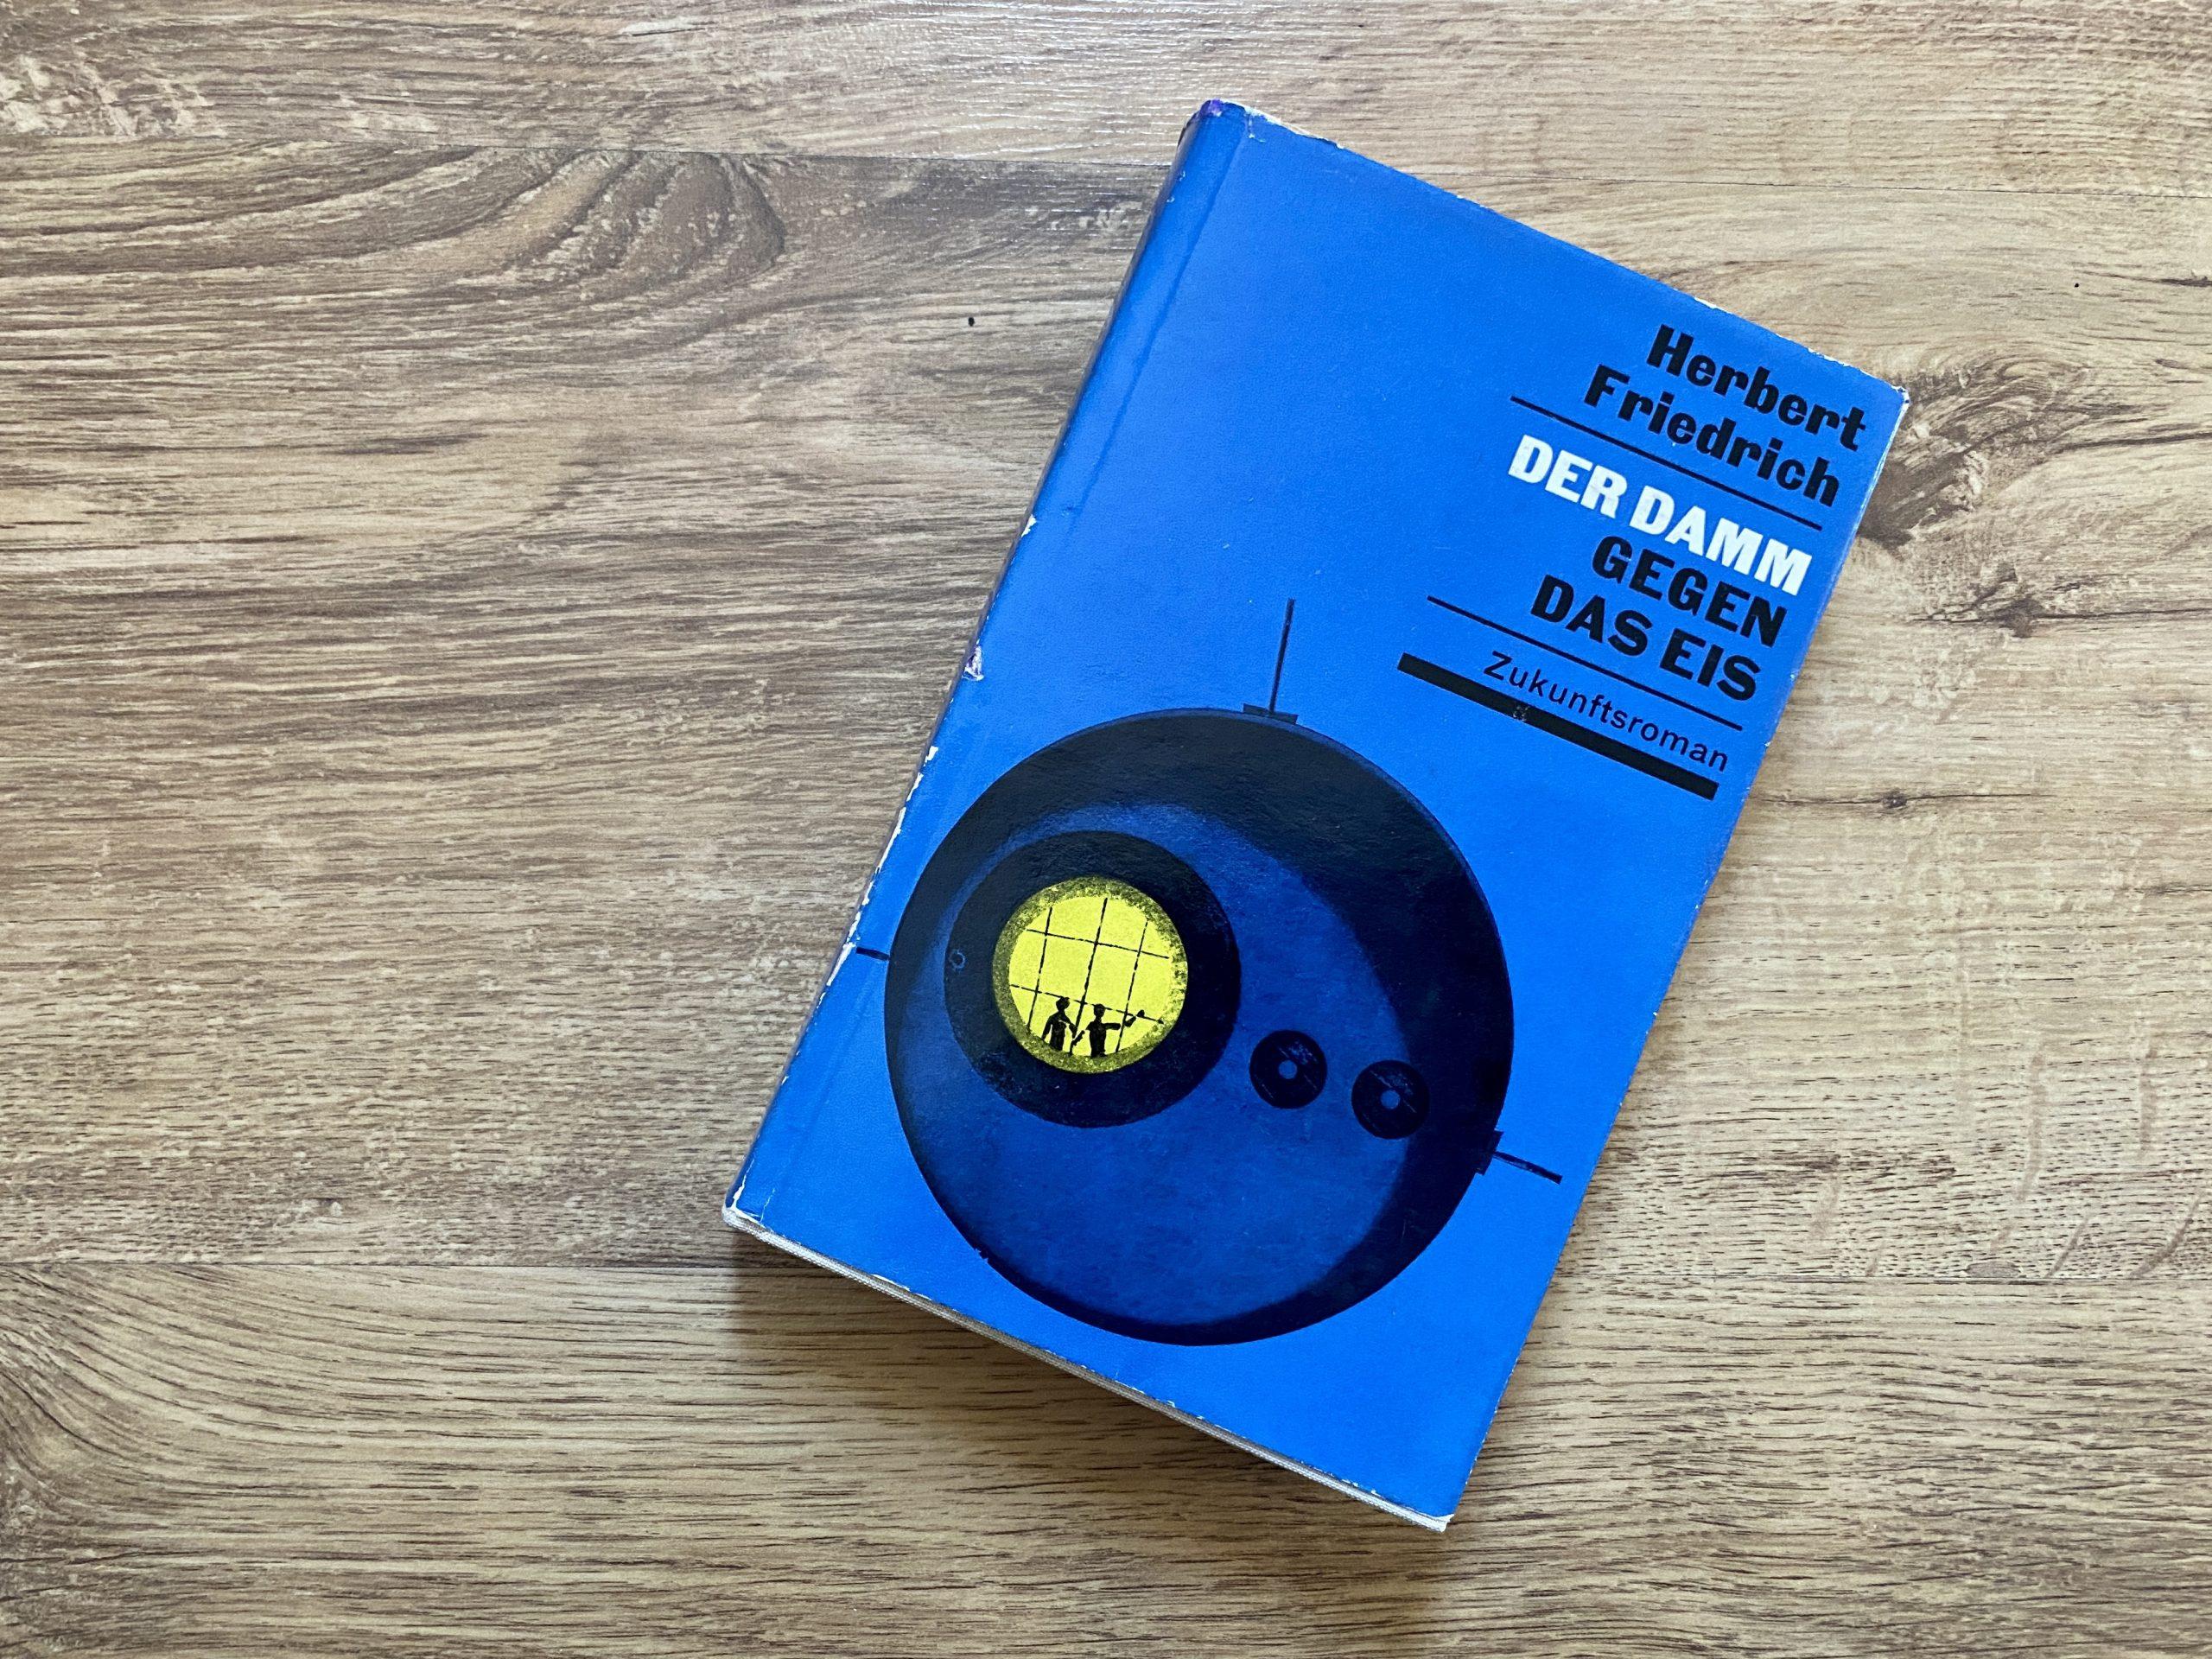 Der Damm gegen das Eis - Herbert Friedrich - Buchcover: Rolf F. Müller